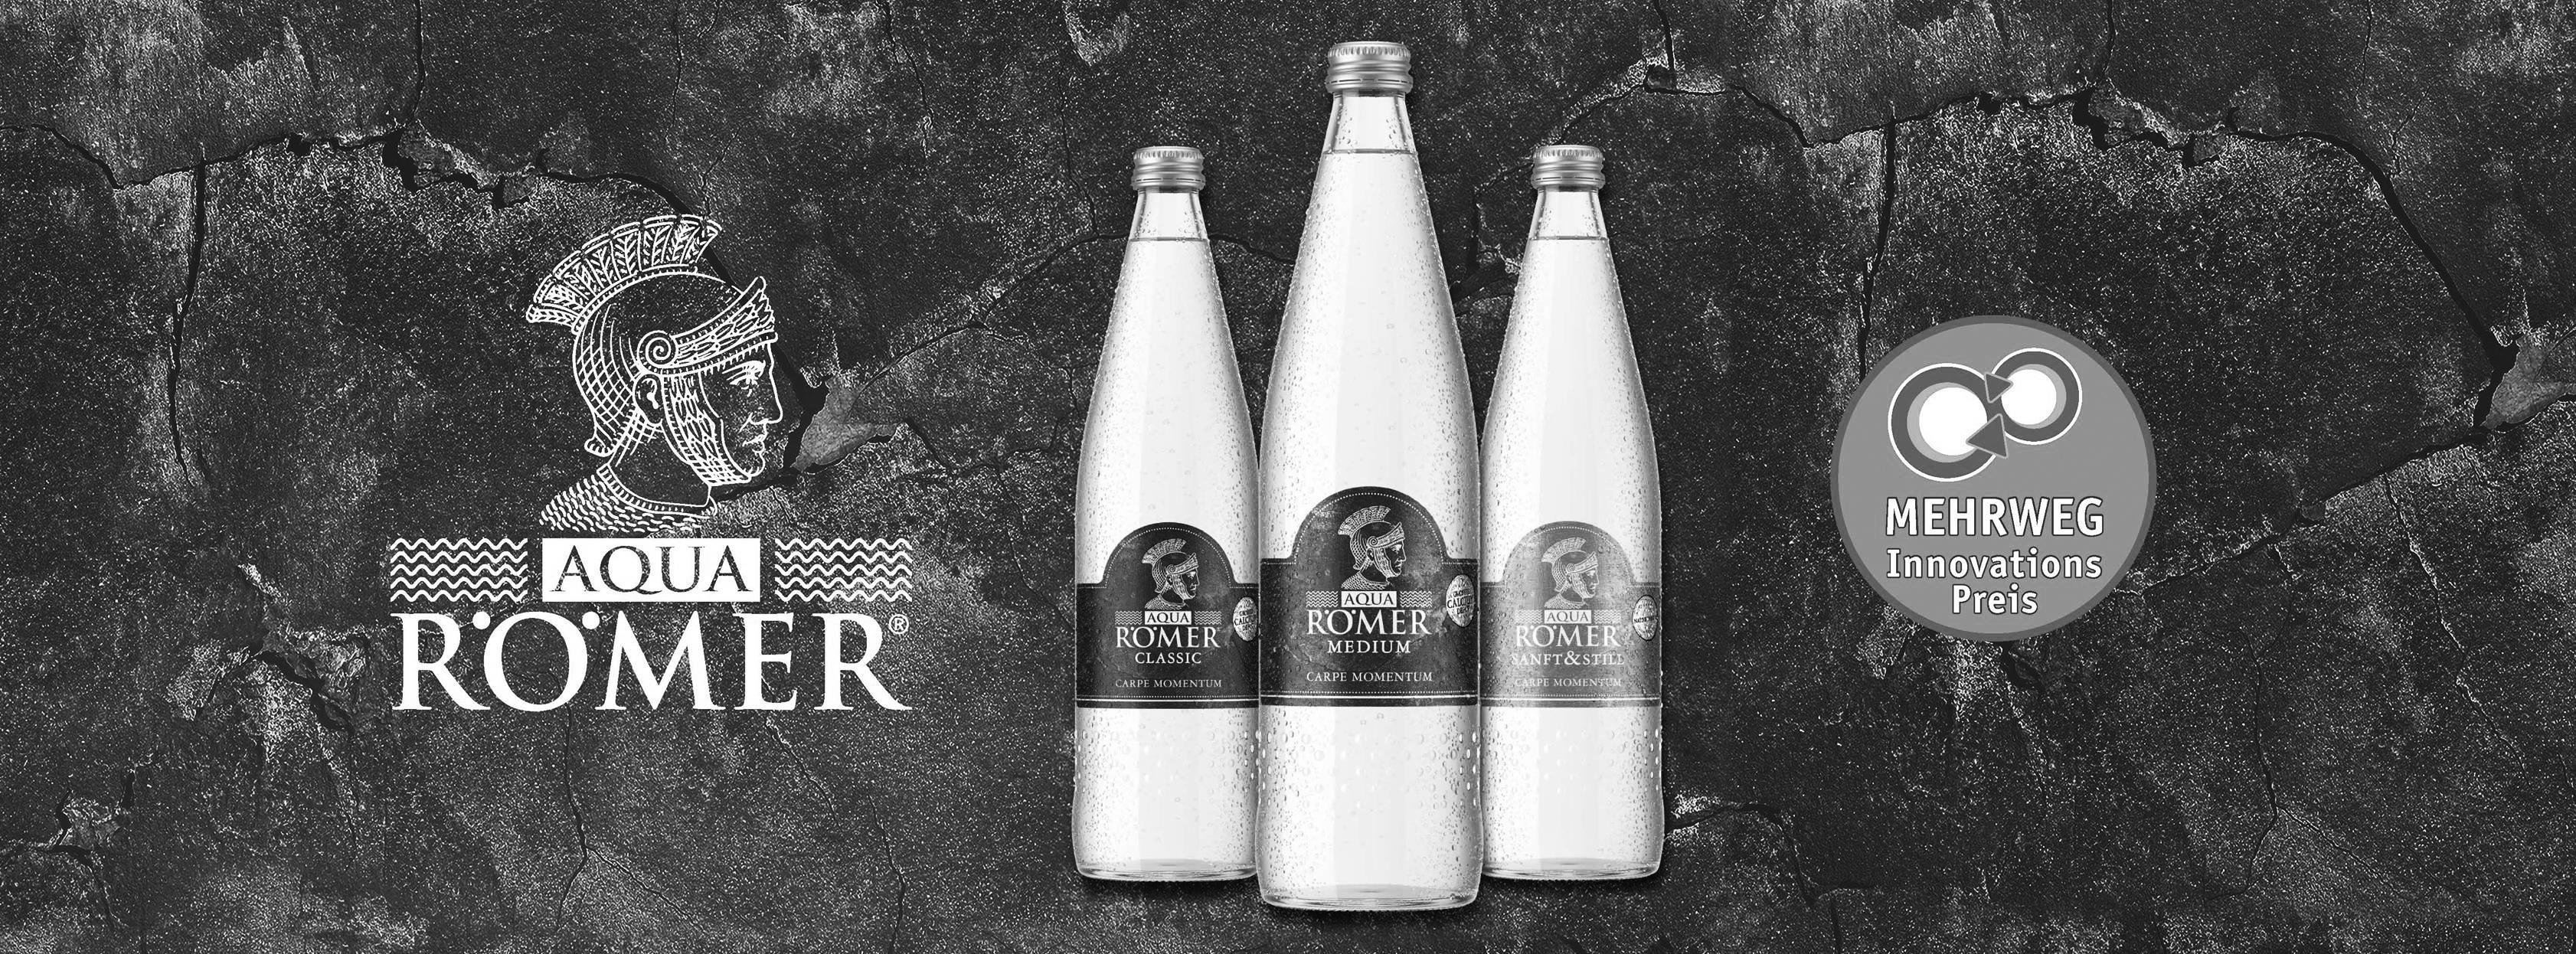 Aqua Römer Wasserflaschen